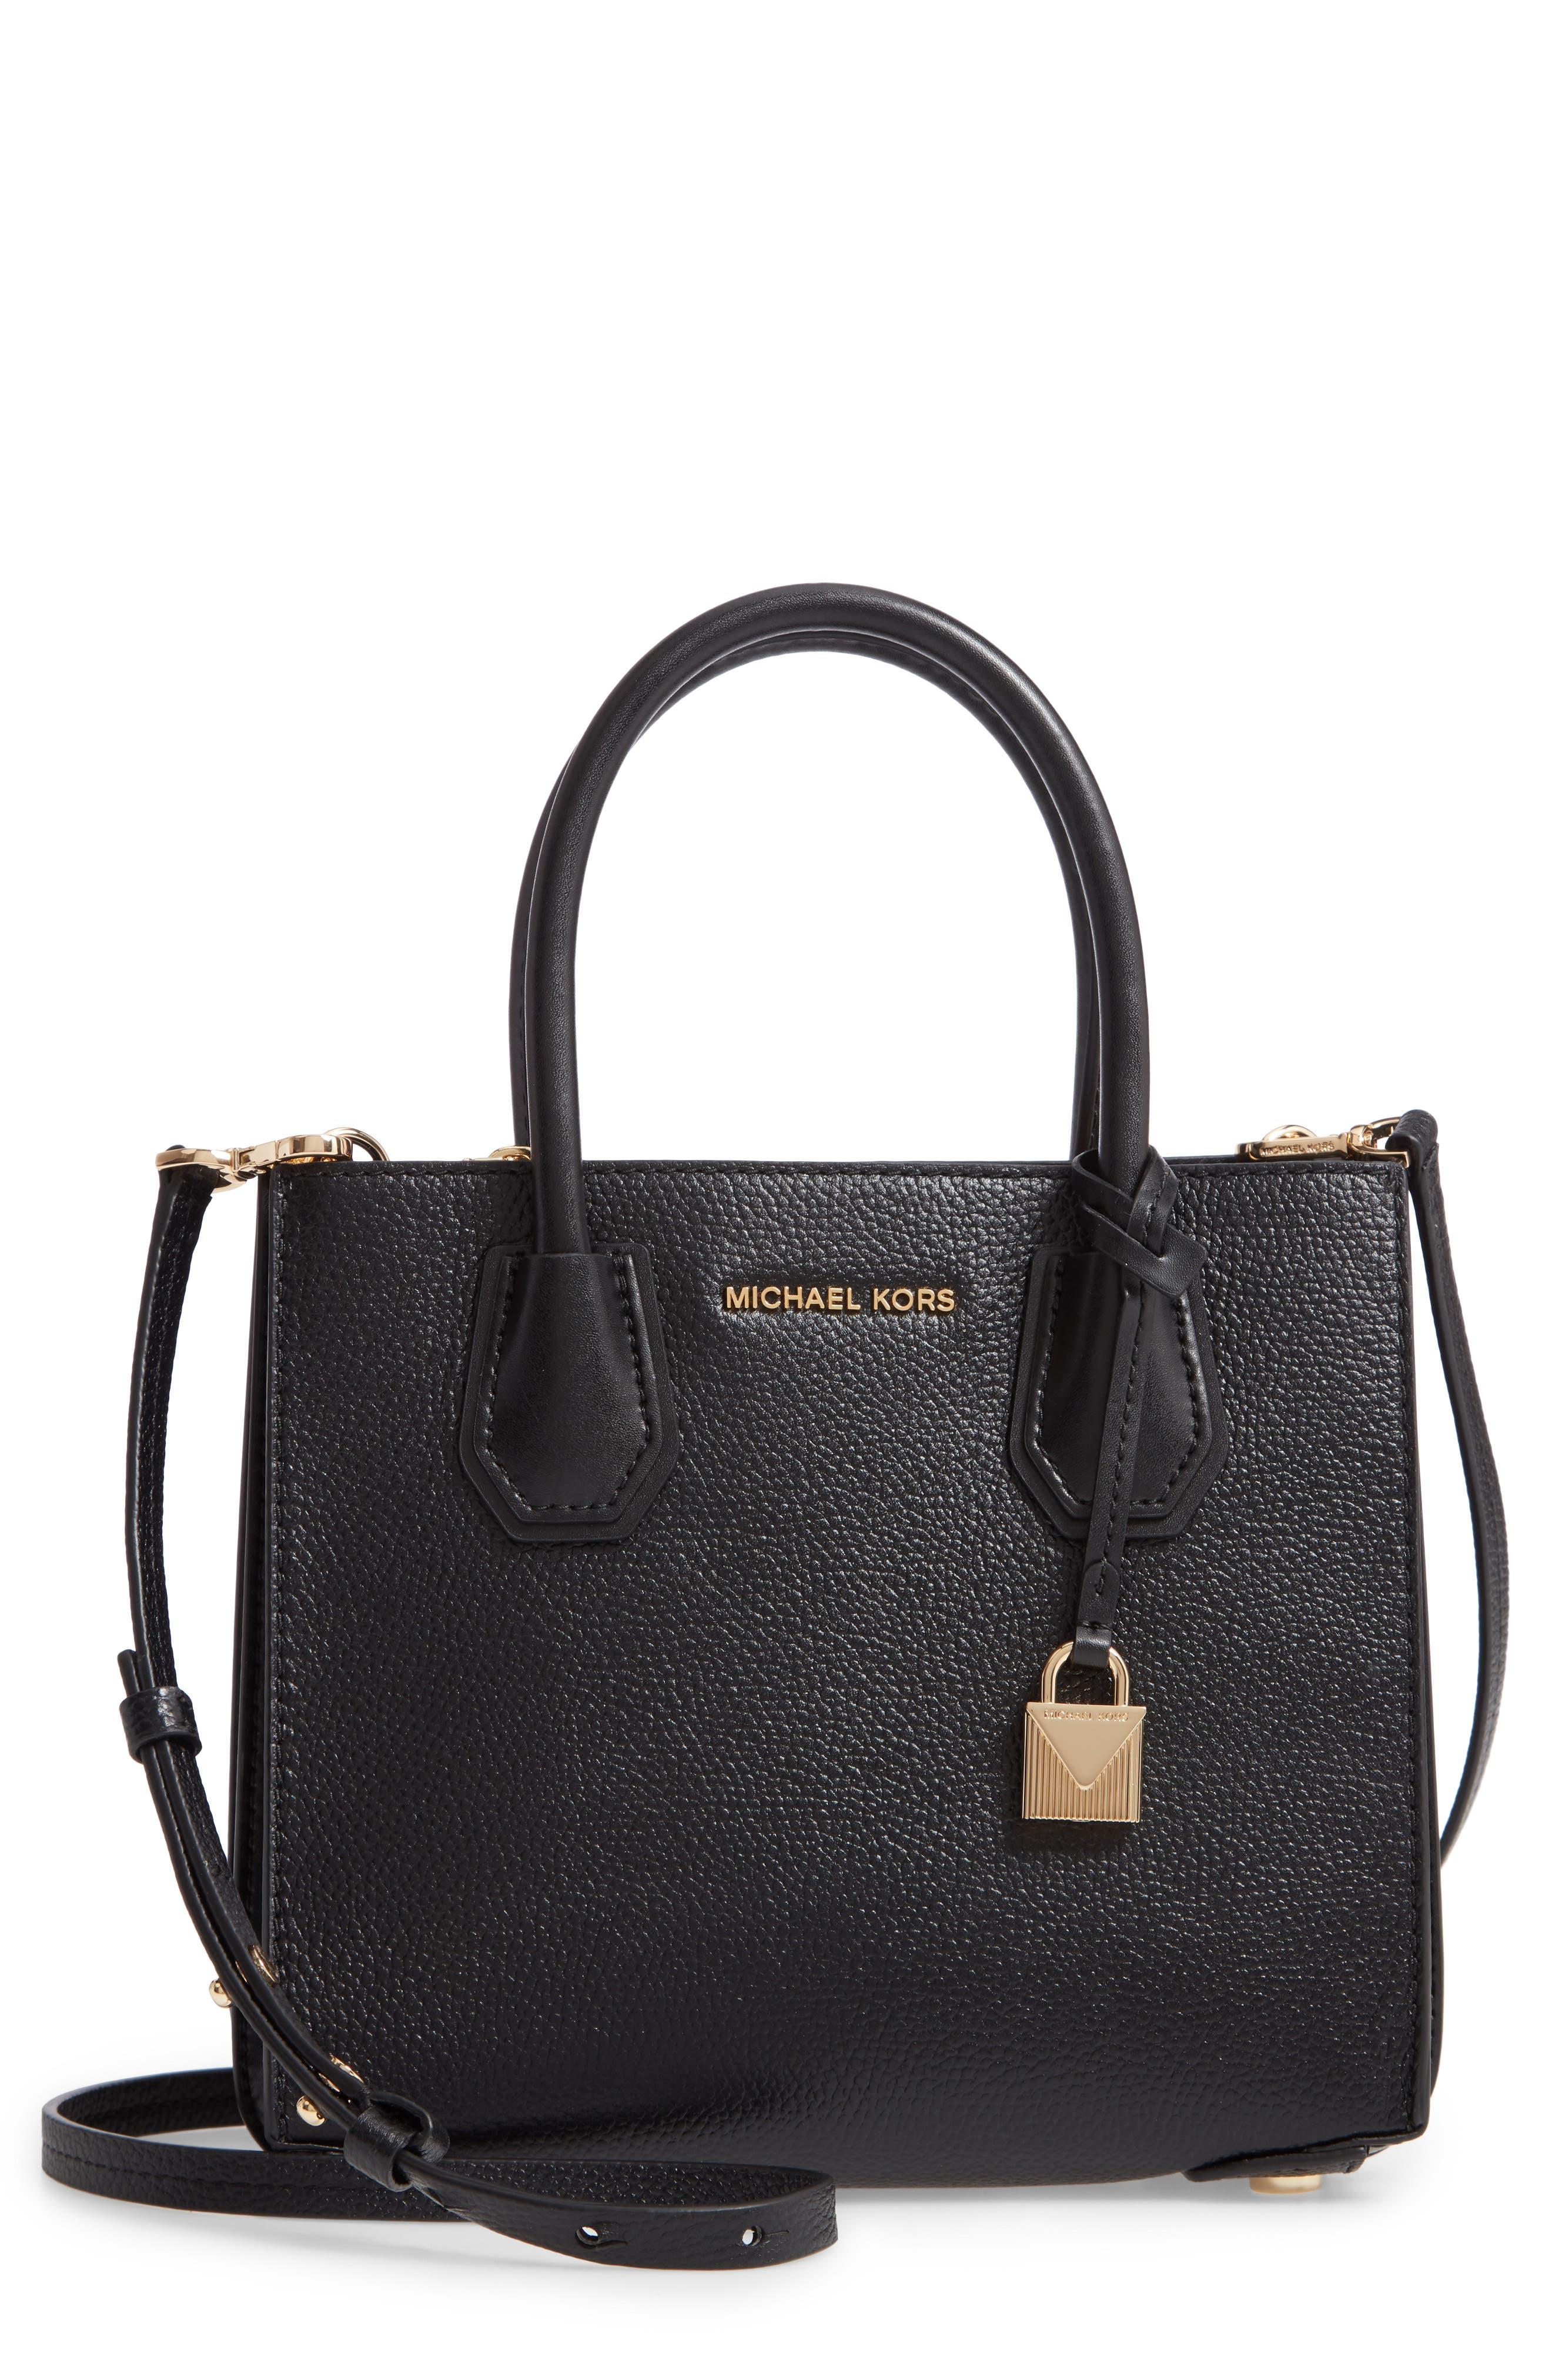 MICHAEL MICHAEL KORS Medium Mercer Convertible Leather Tote, Main, color, BLACK